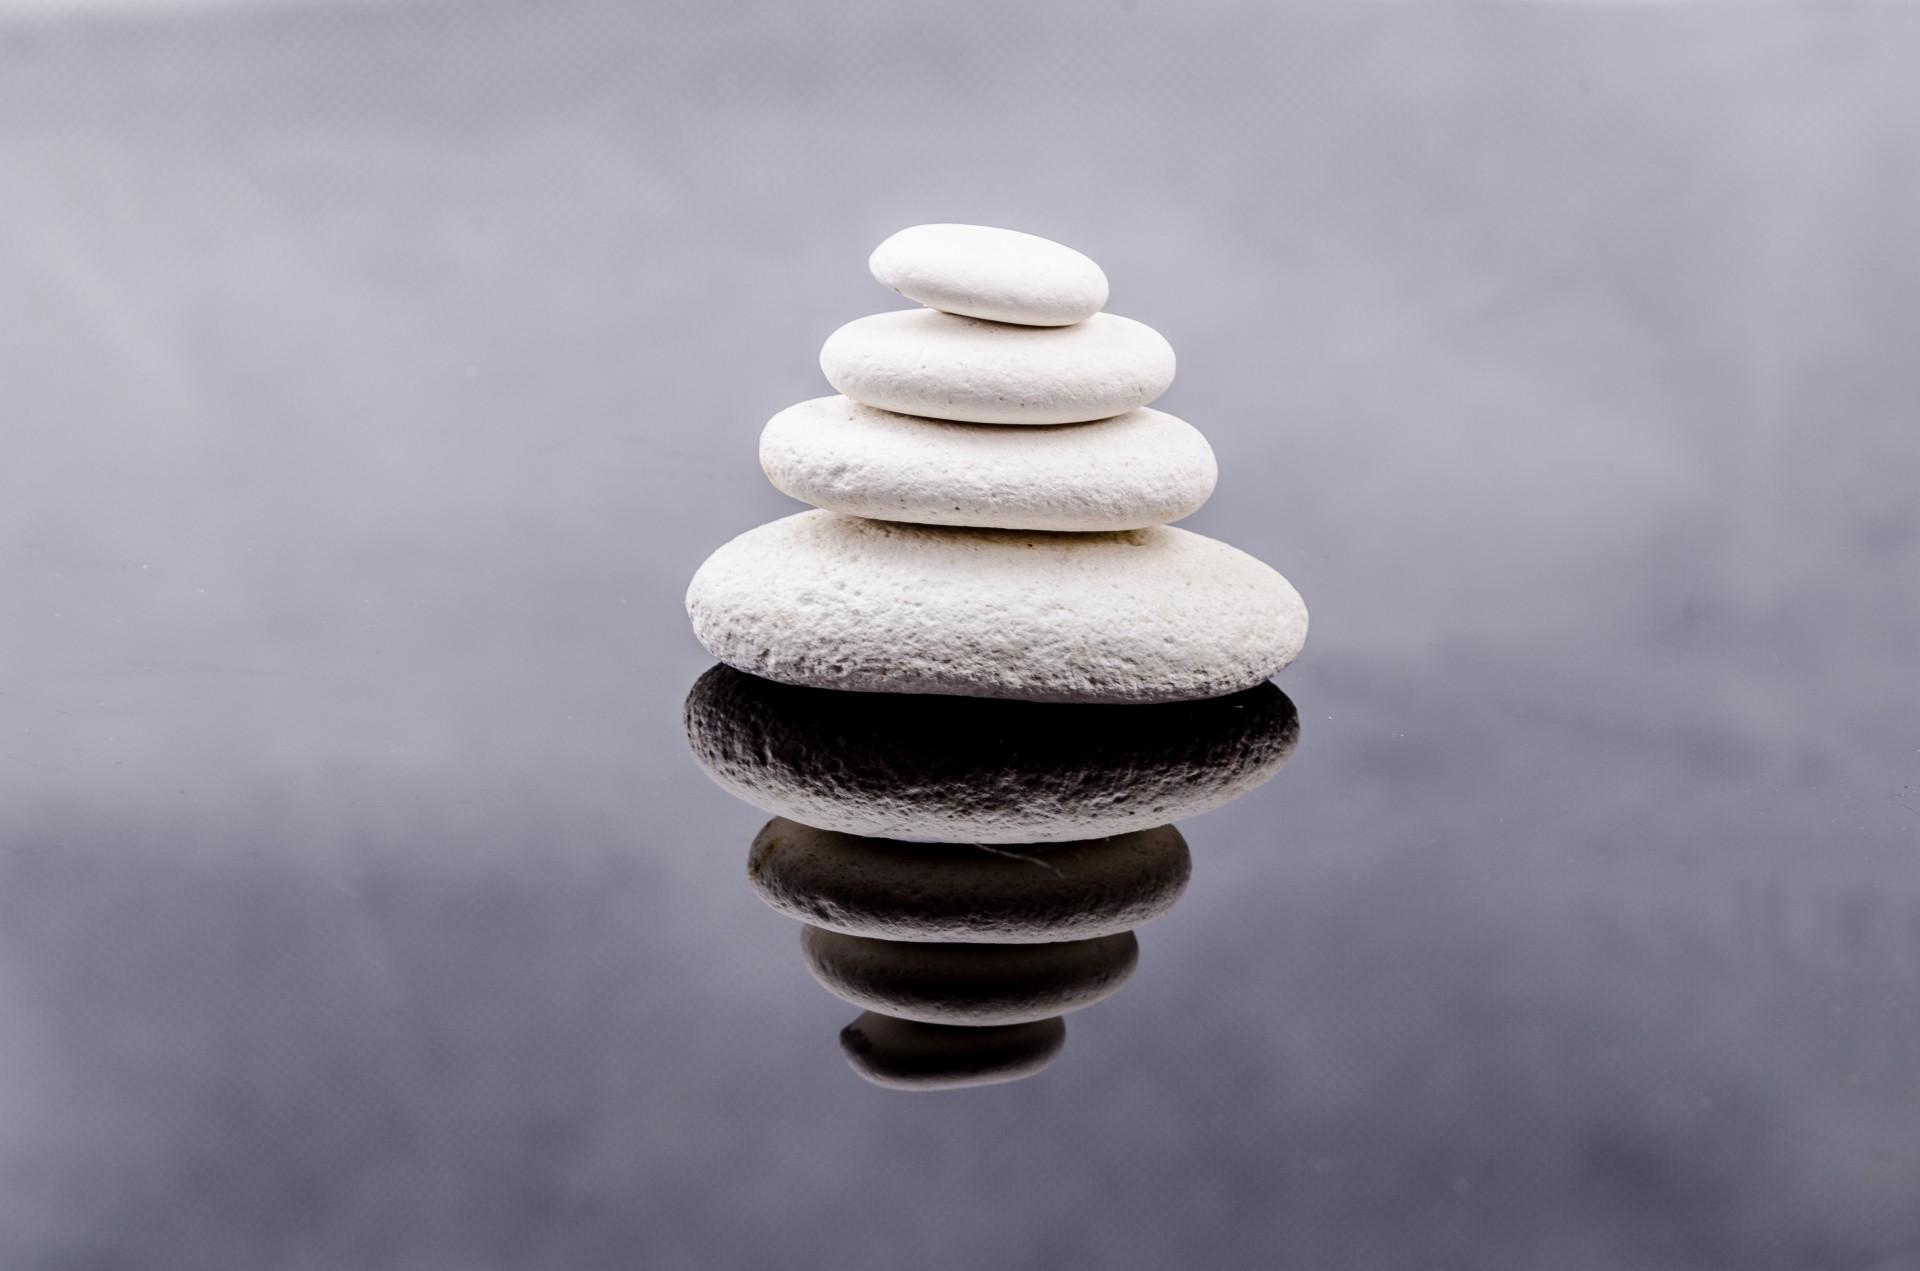 Simplitatea in afaceri